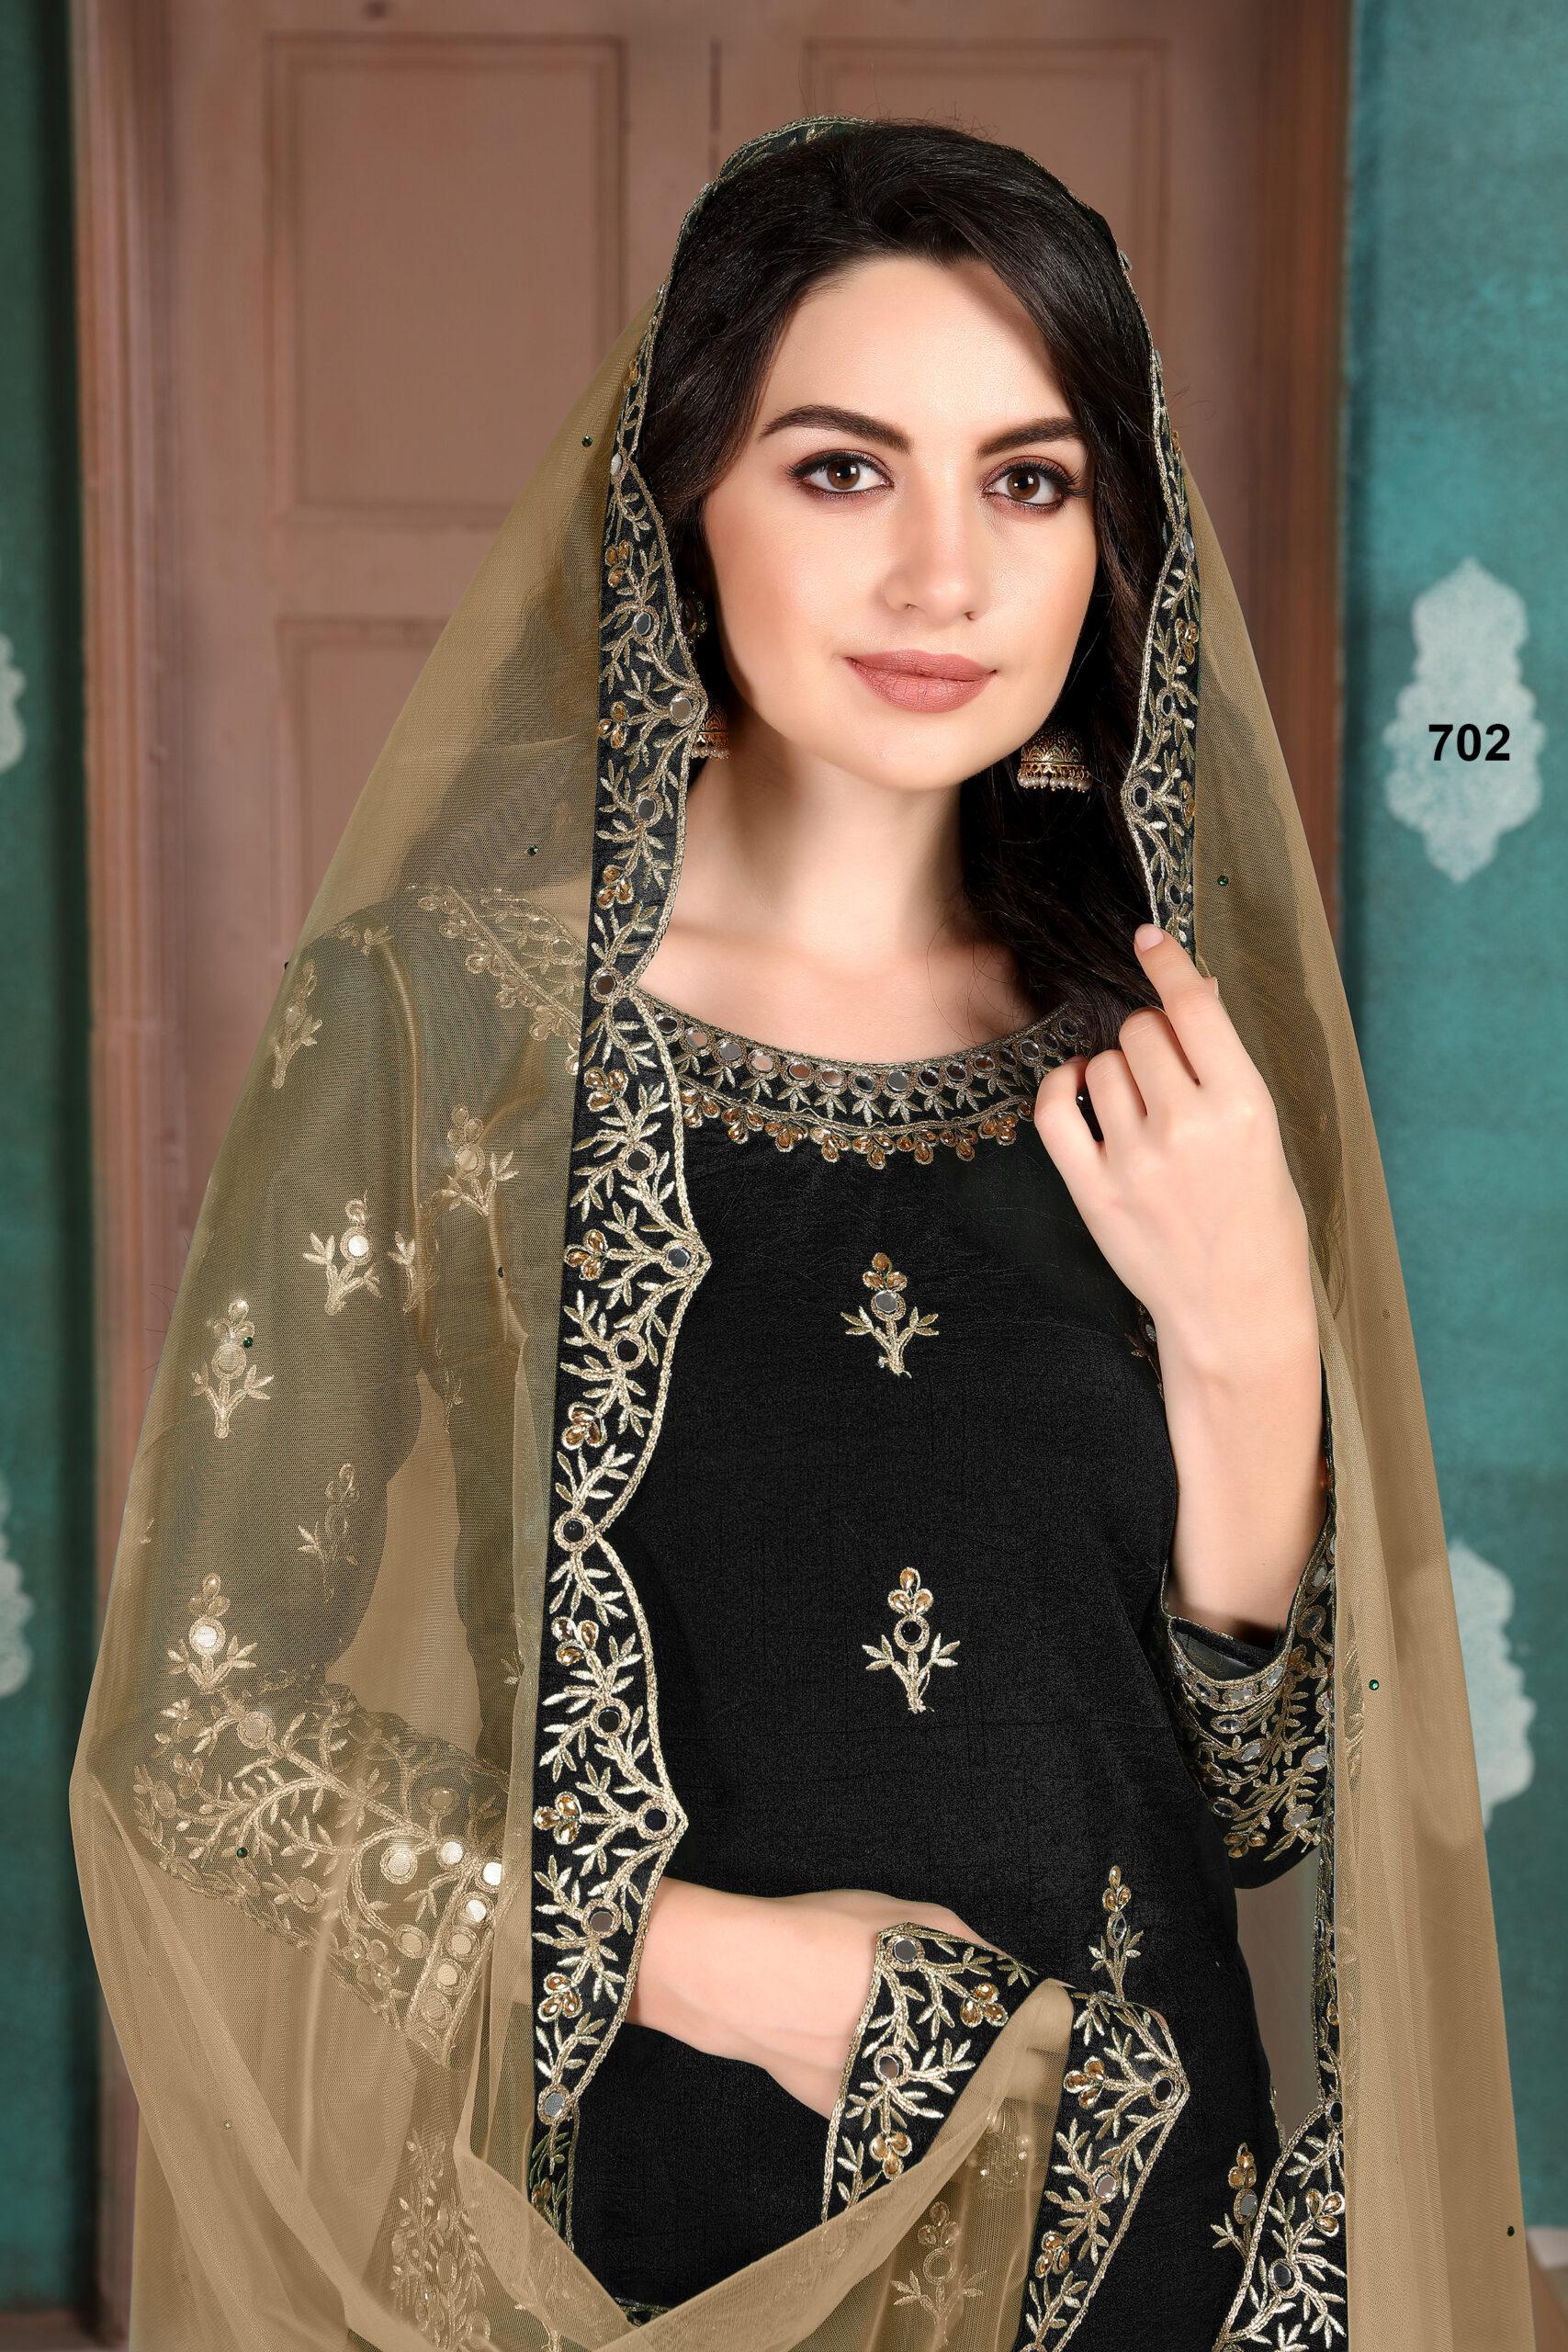 Black Colour Suits for Women Wedding